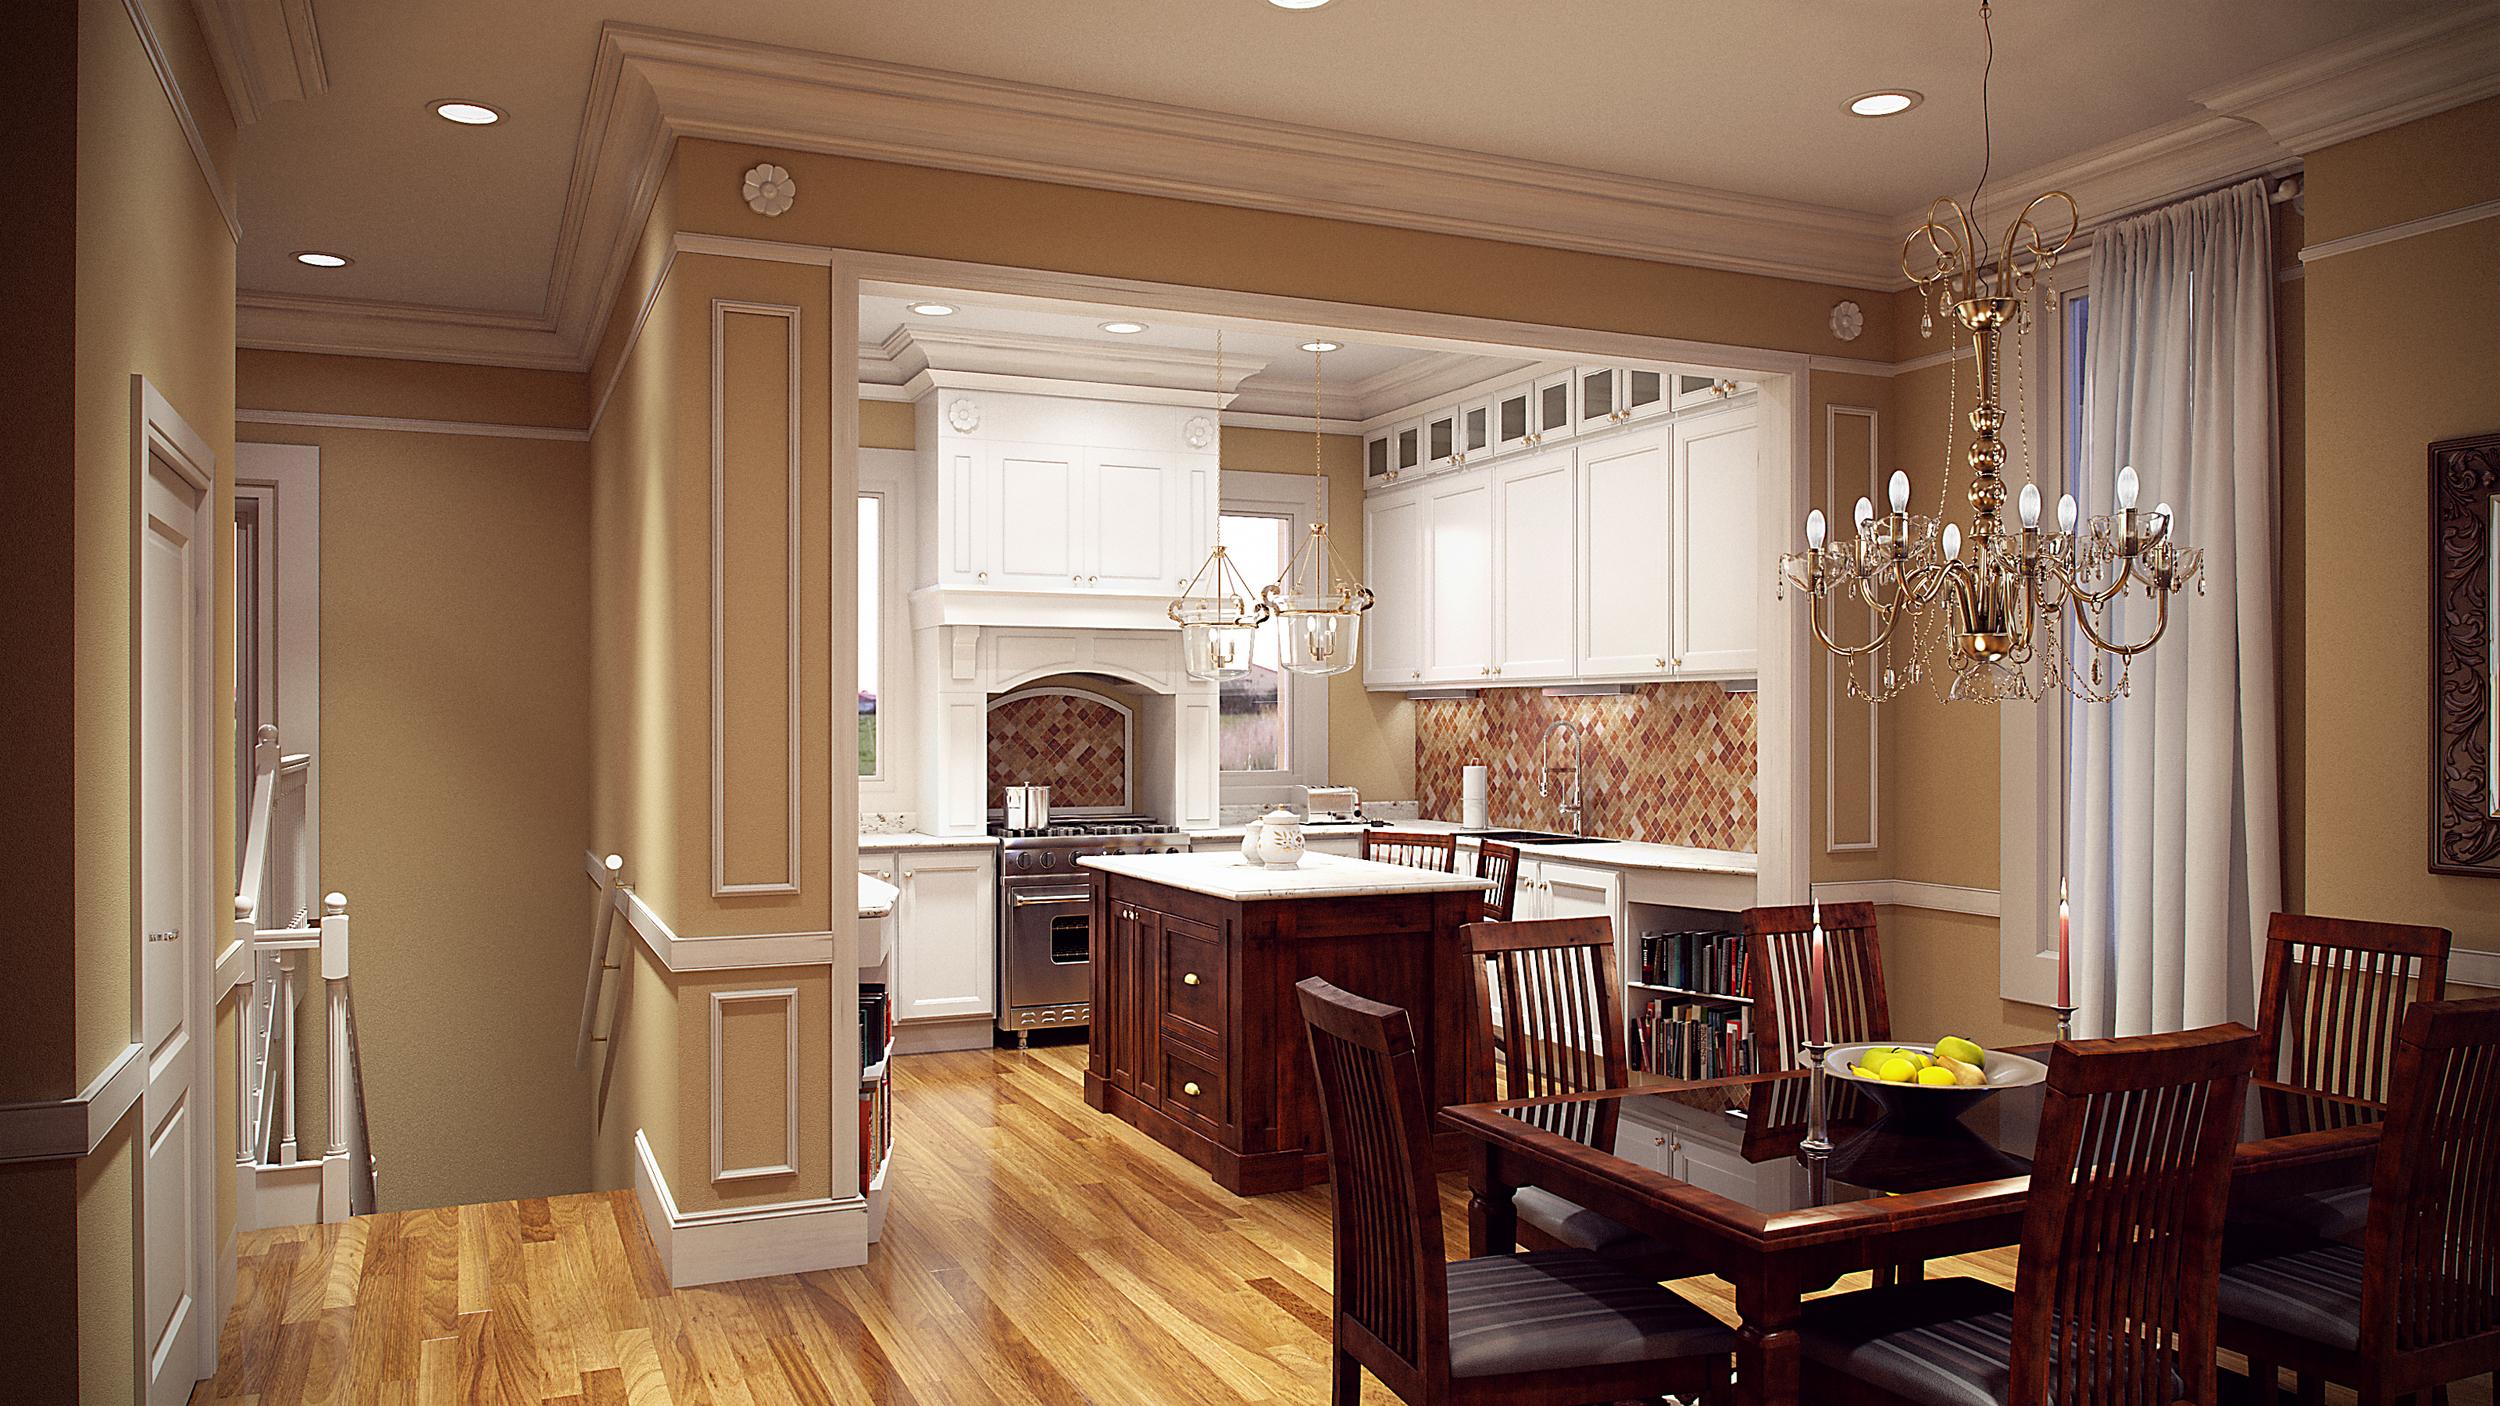 chestnut-kitchen.jpg